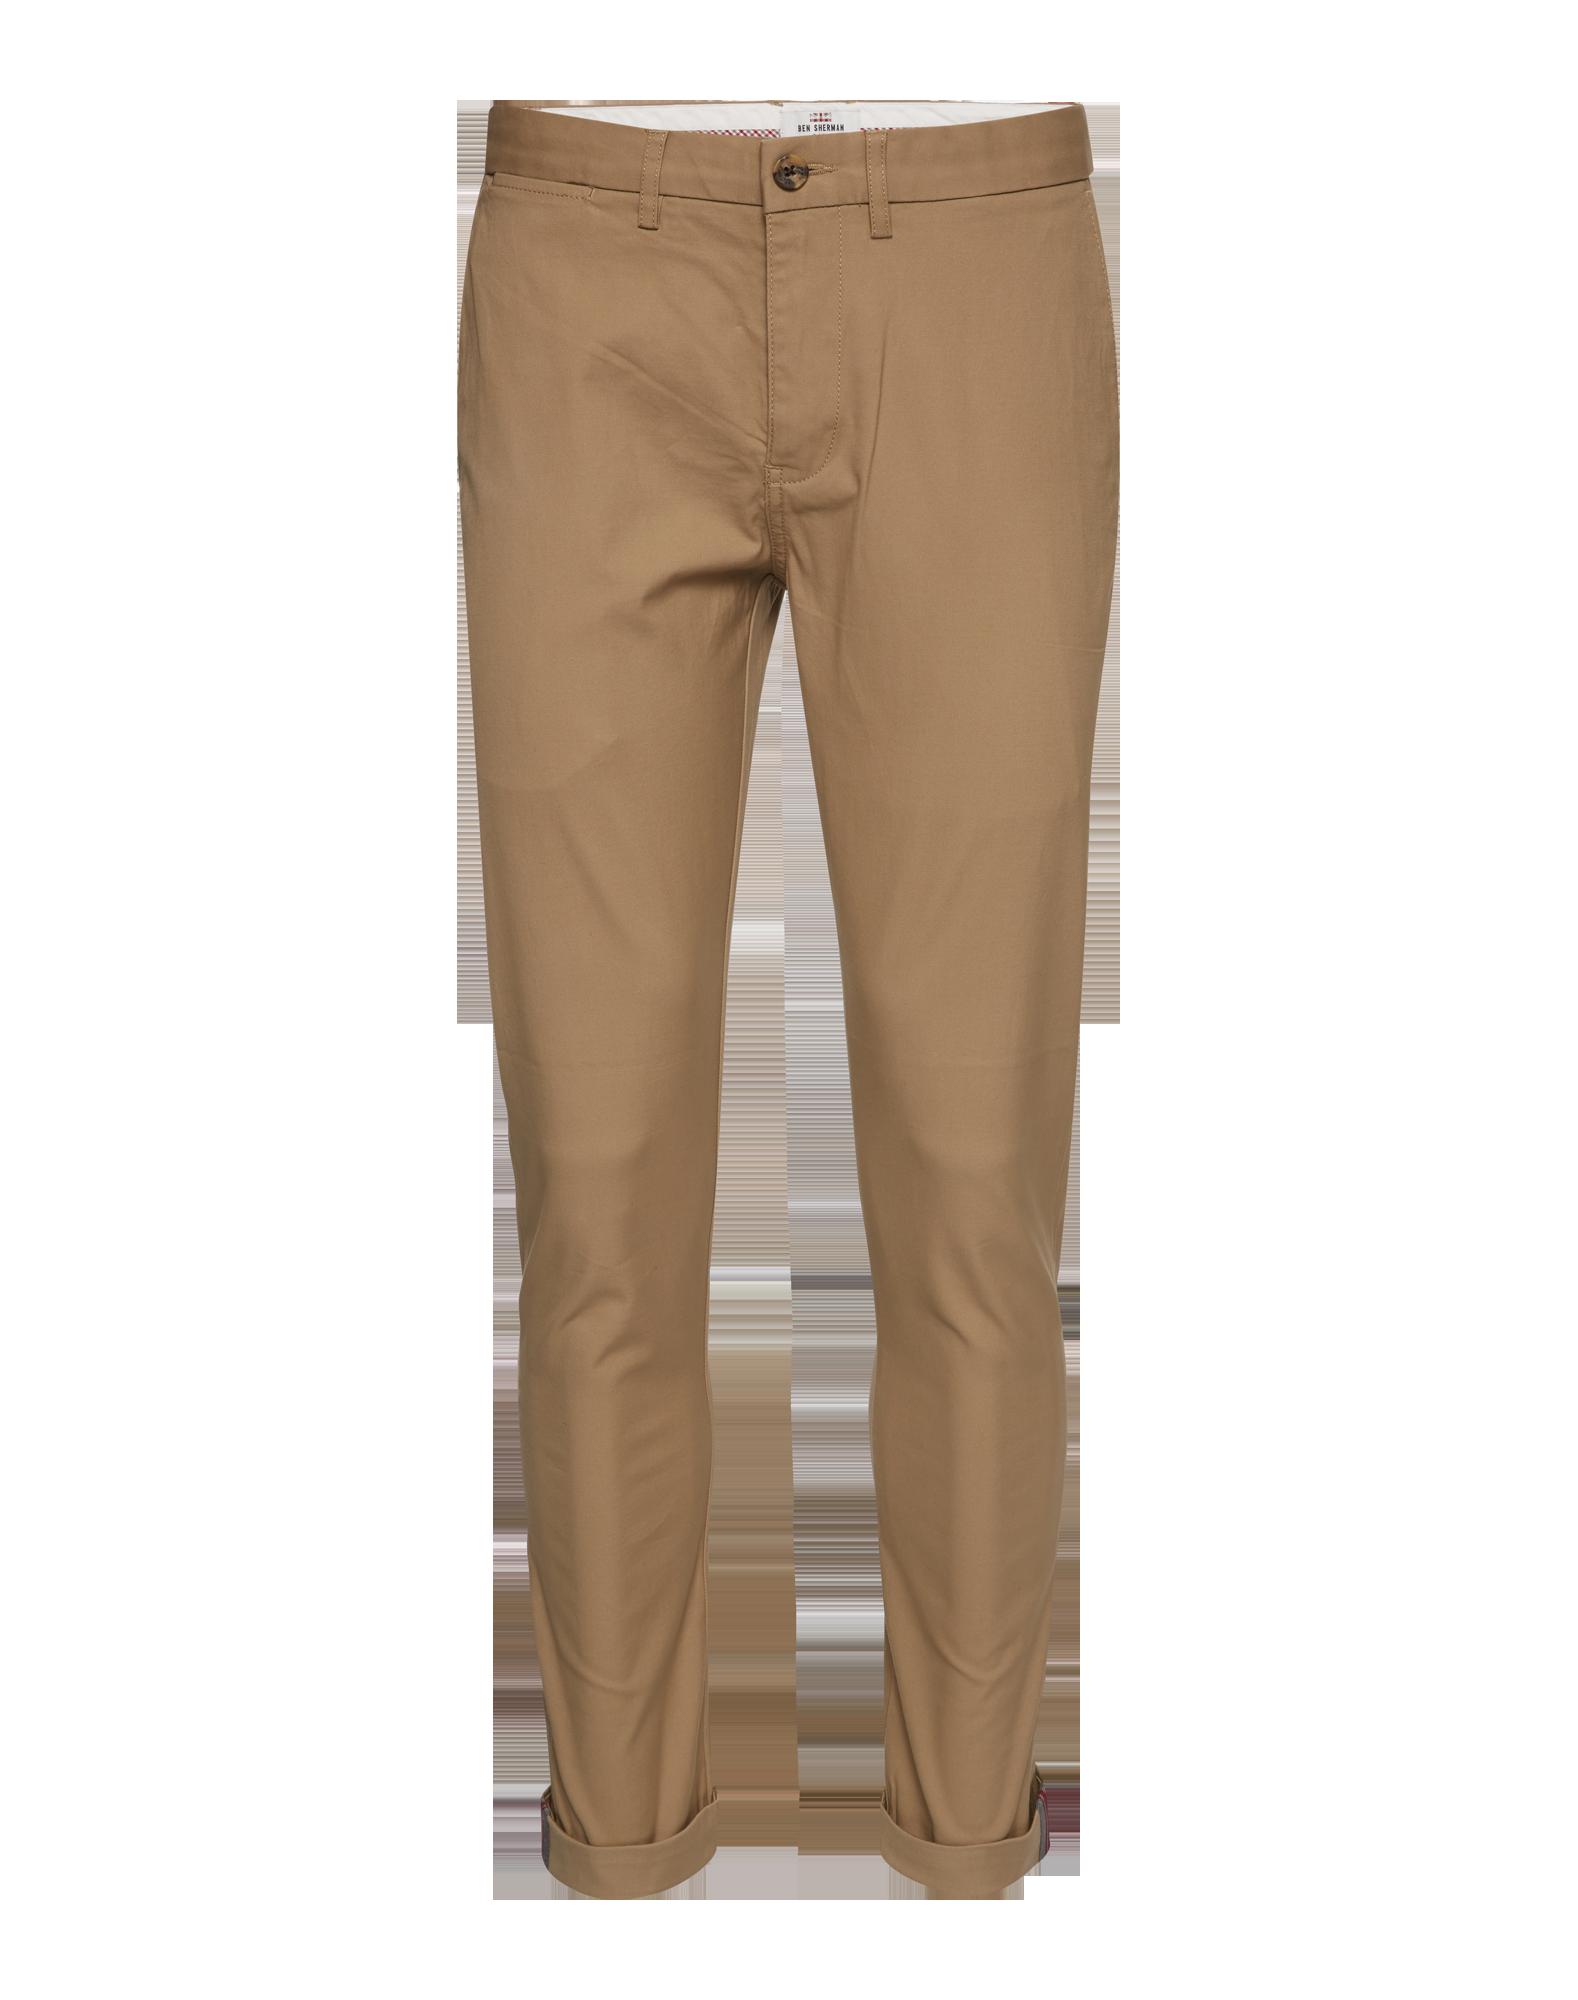 Musthave für legere Looks: die schmal geschnittene Chino von Ben Sherman @aboutyoude überzeugt uns mit typischem Casual-Design und macht sowohl zum Shirt wie auch zum Hemd eine super Figur. Glatte Baumwolle mit Stretch-Anteil bietet darüber hinaus eine bequeme Passform.